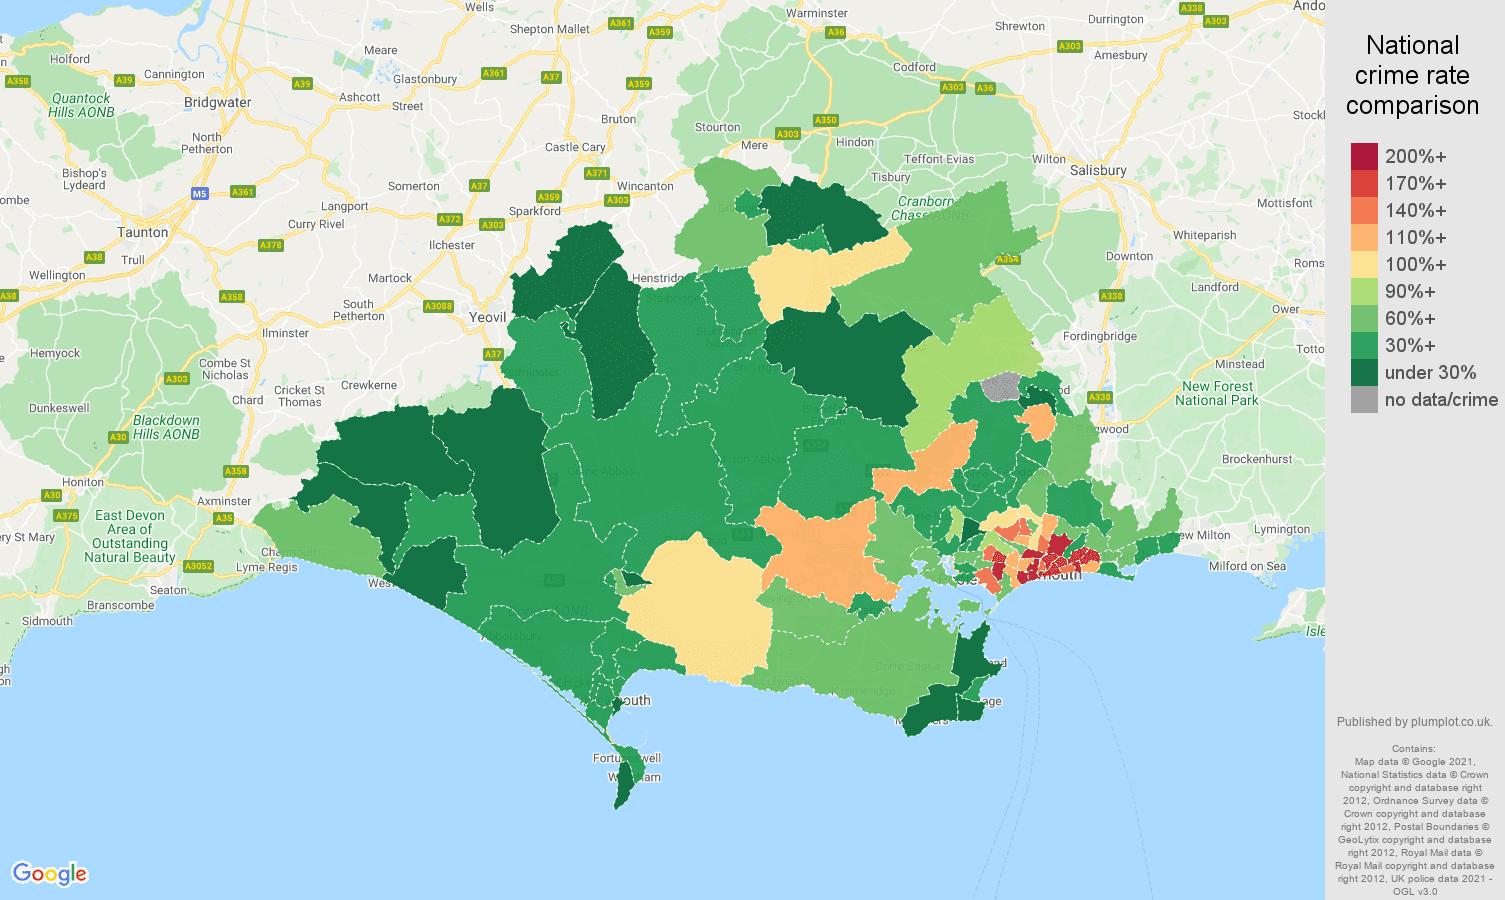 Dorset vehicle crime rate comparison map